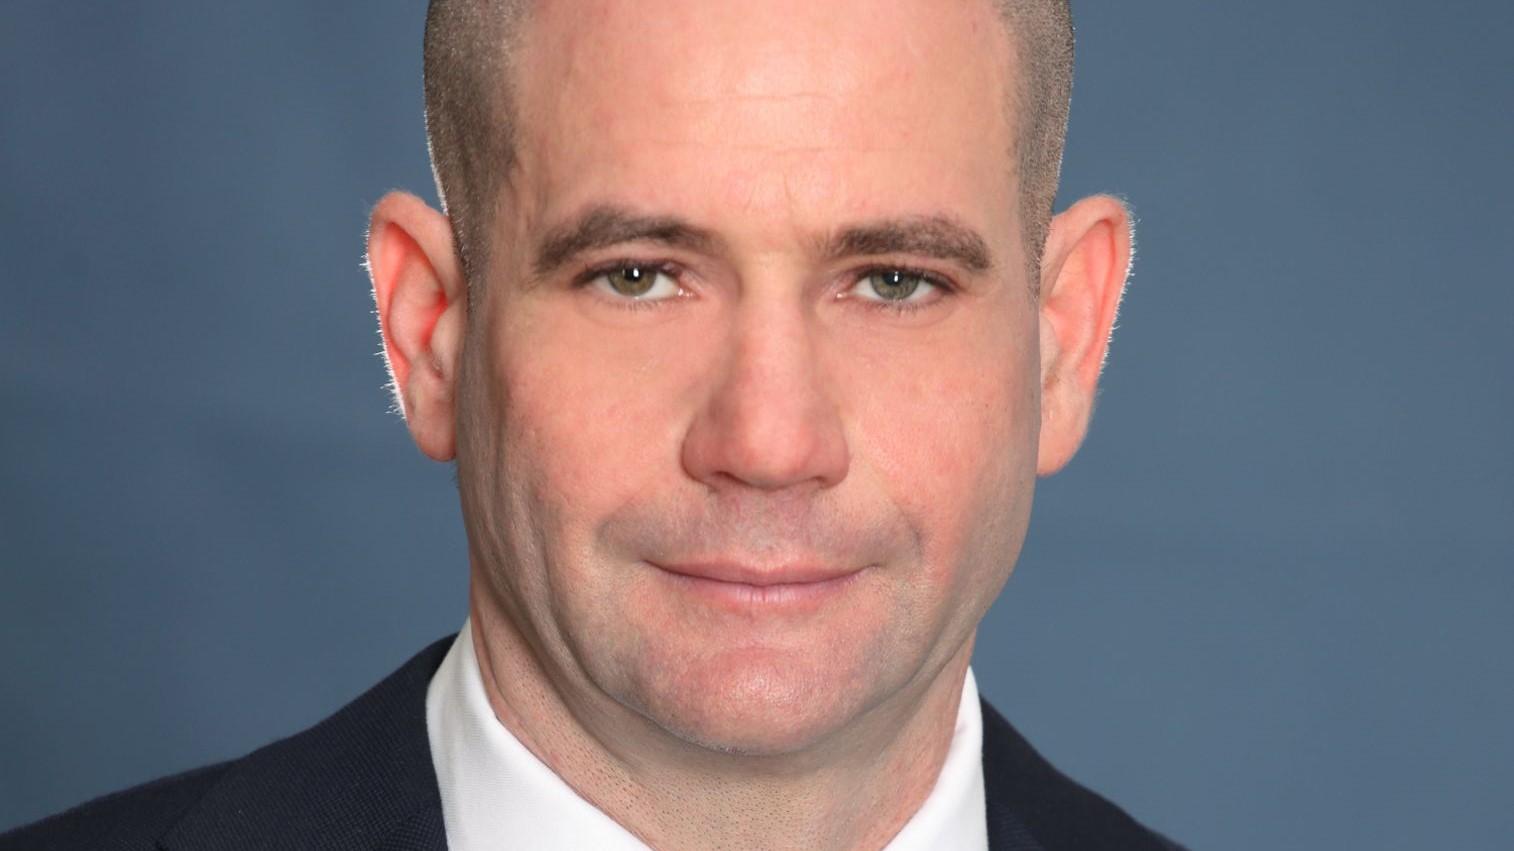 אייל אפרת, מנהל חברת הראל מחשבים: העברת היישומים הדיגיטליים של הראל ל-AWS העניקה לנו יכולת להציע חדשנות במהירות רבה יותר ובעלות נמוכה יותר